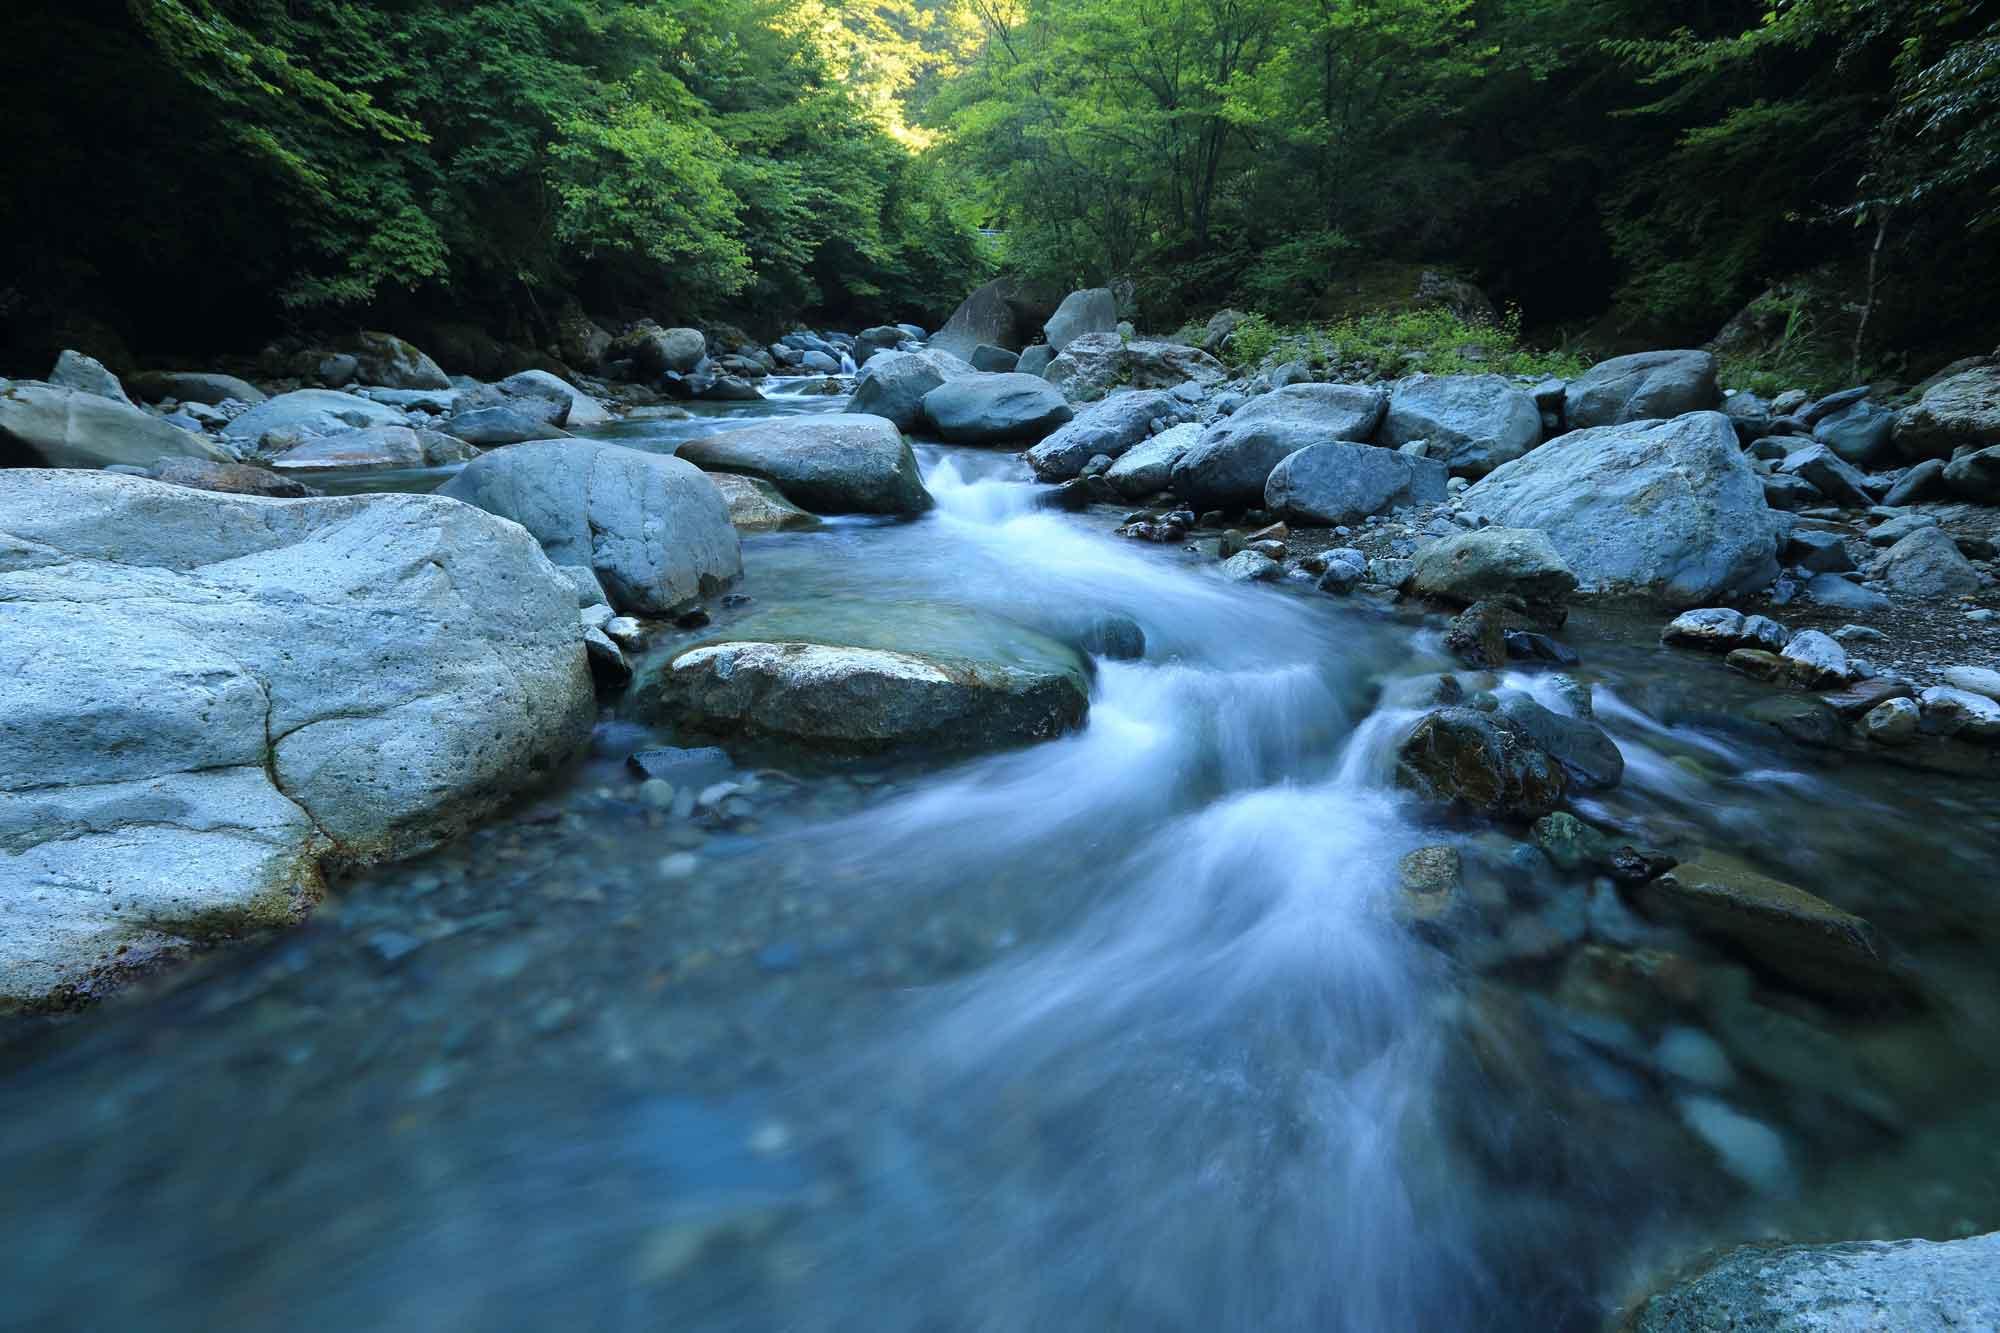 foto artistica con acqua che sembra seta